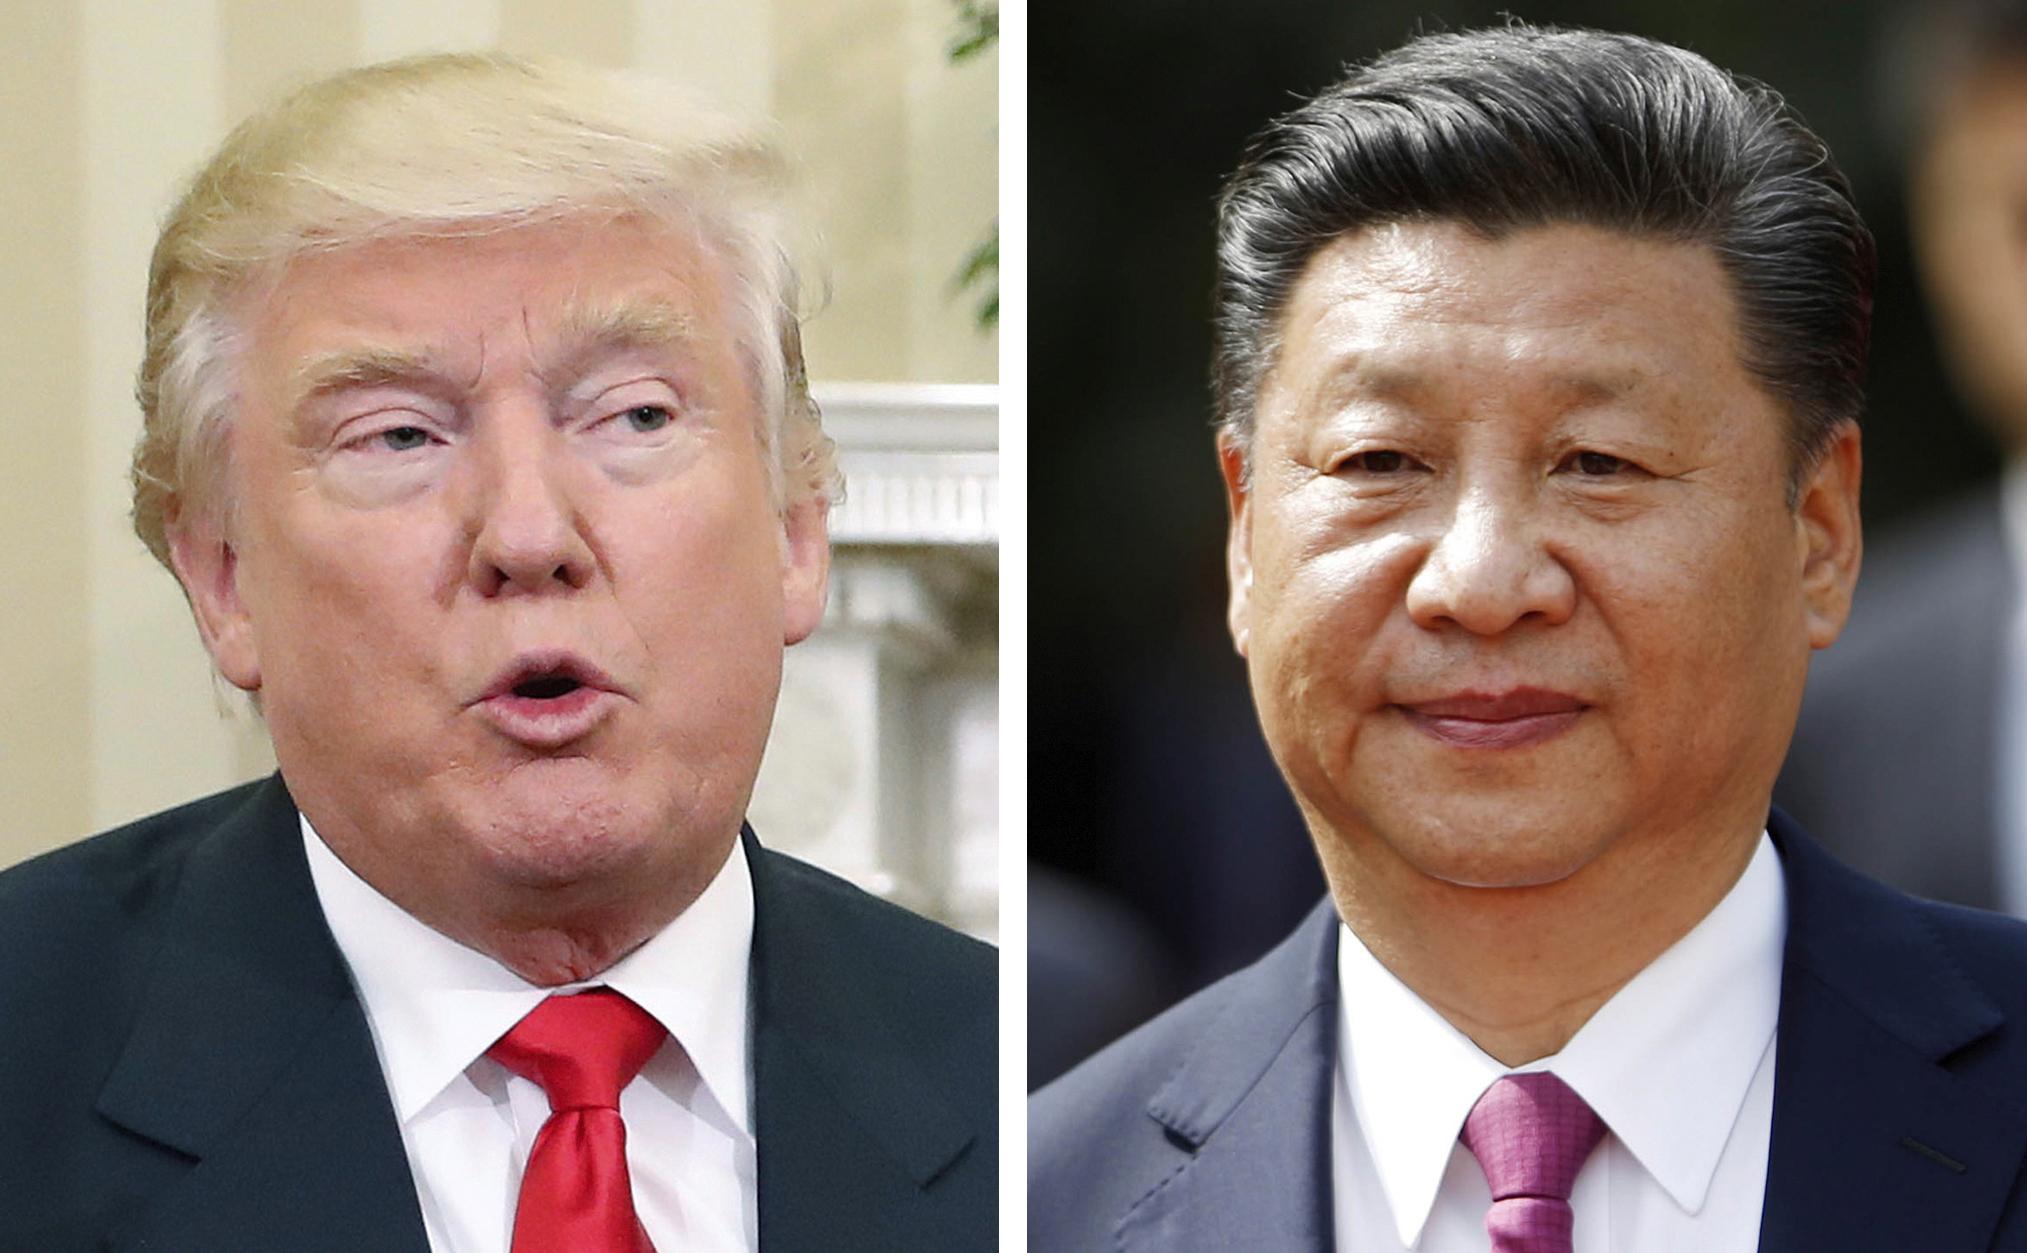 चीन नीति पर ट्रंप की चूक और कुछ सुझाव...